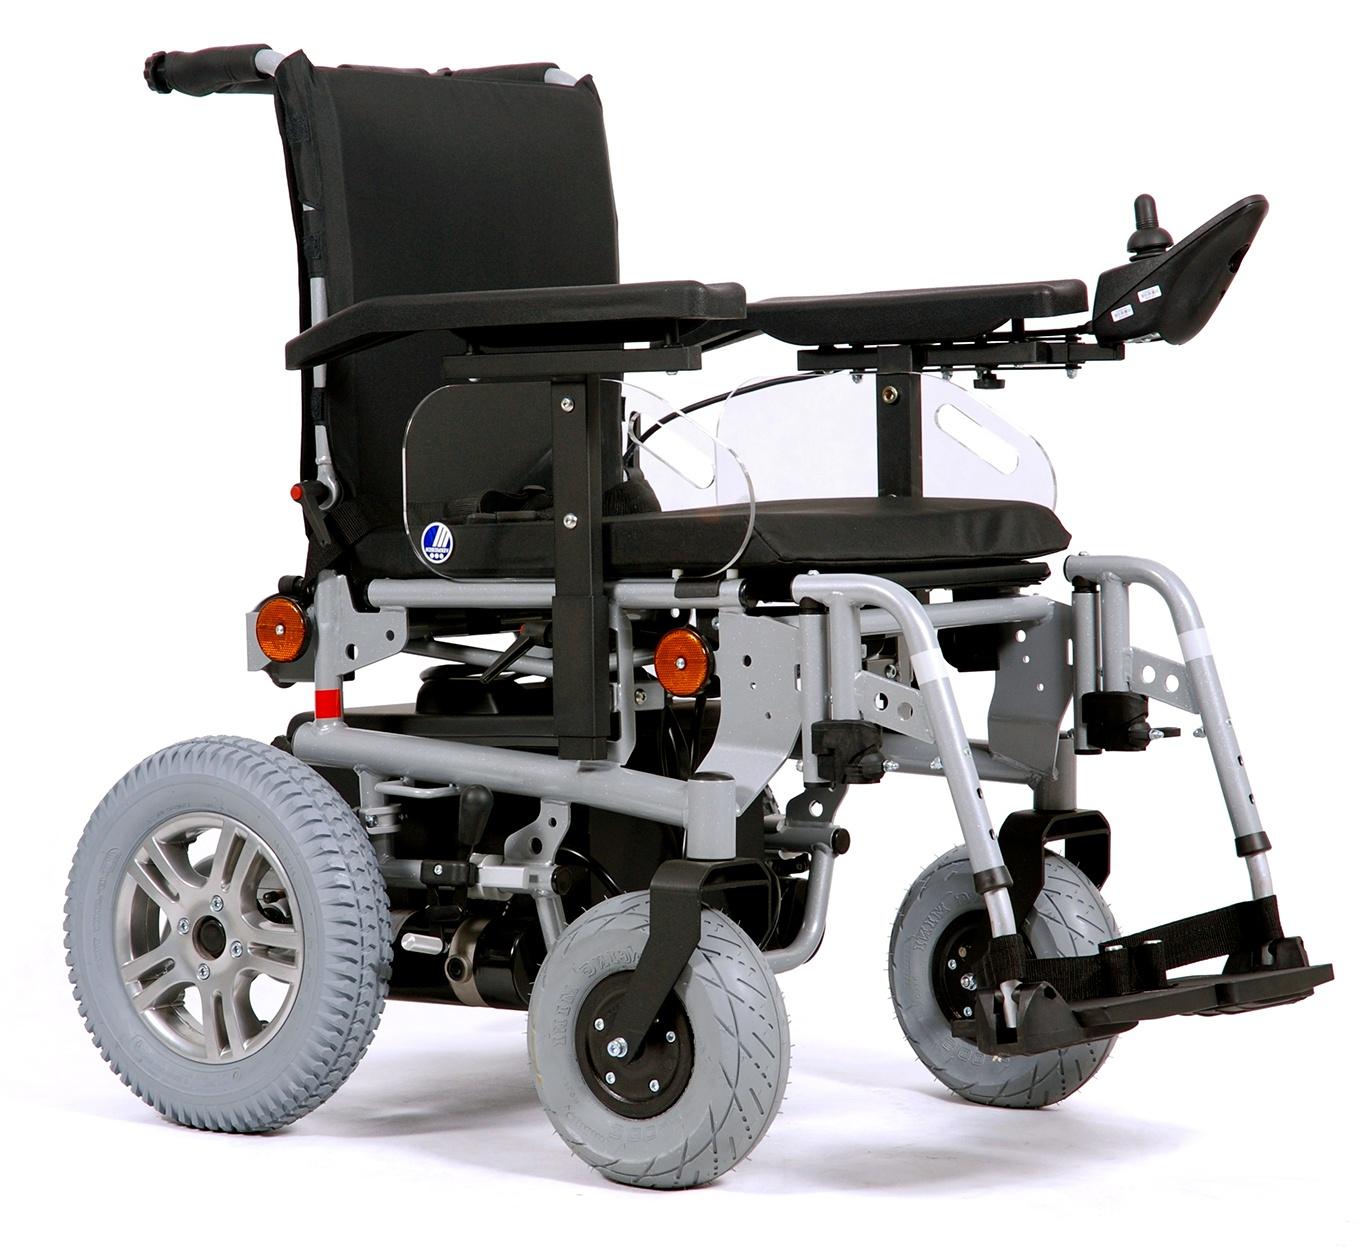 SQUOD wózek elektryczny dla osób niepełnosprawnych terenowo - pokojowy